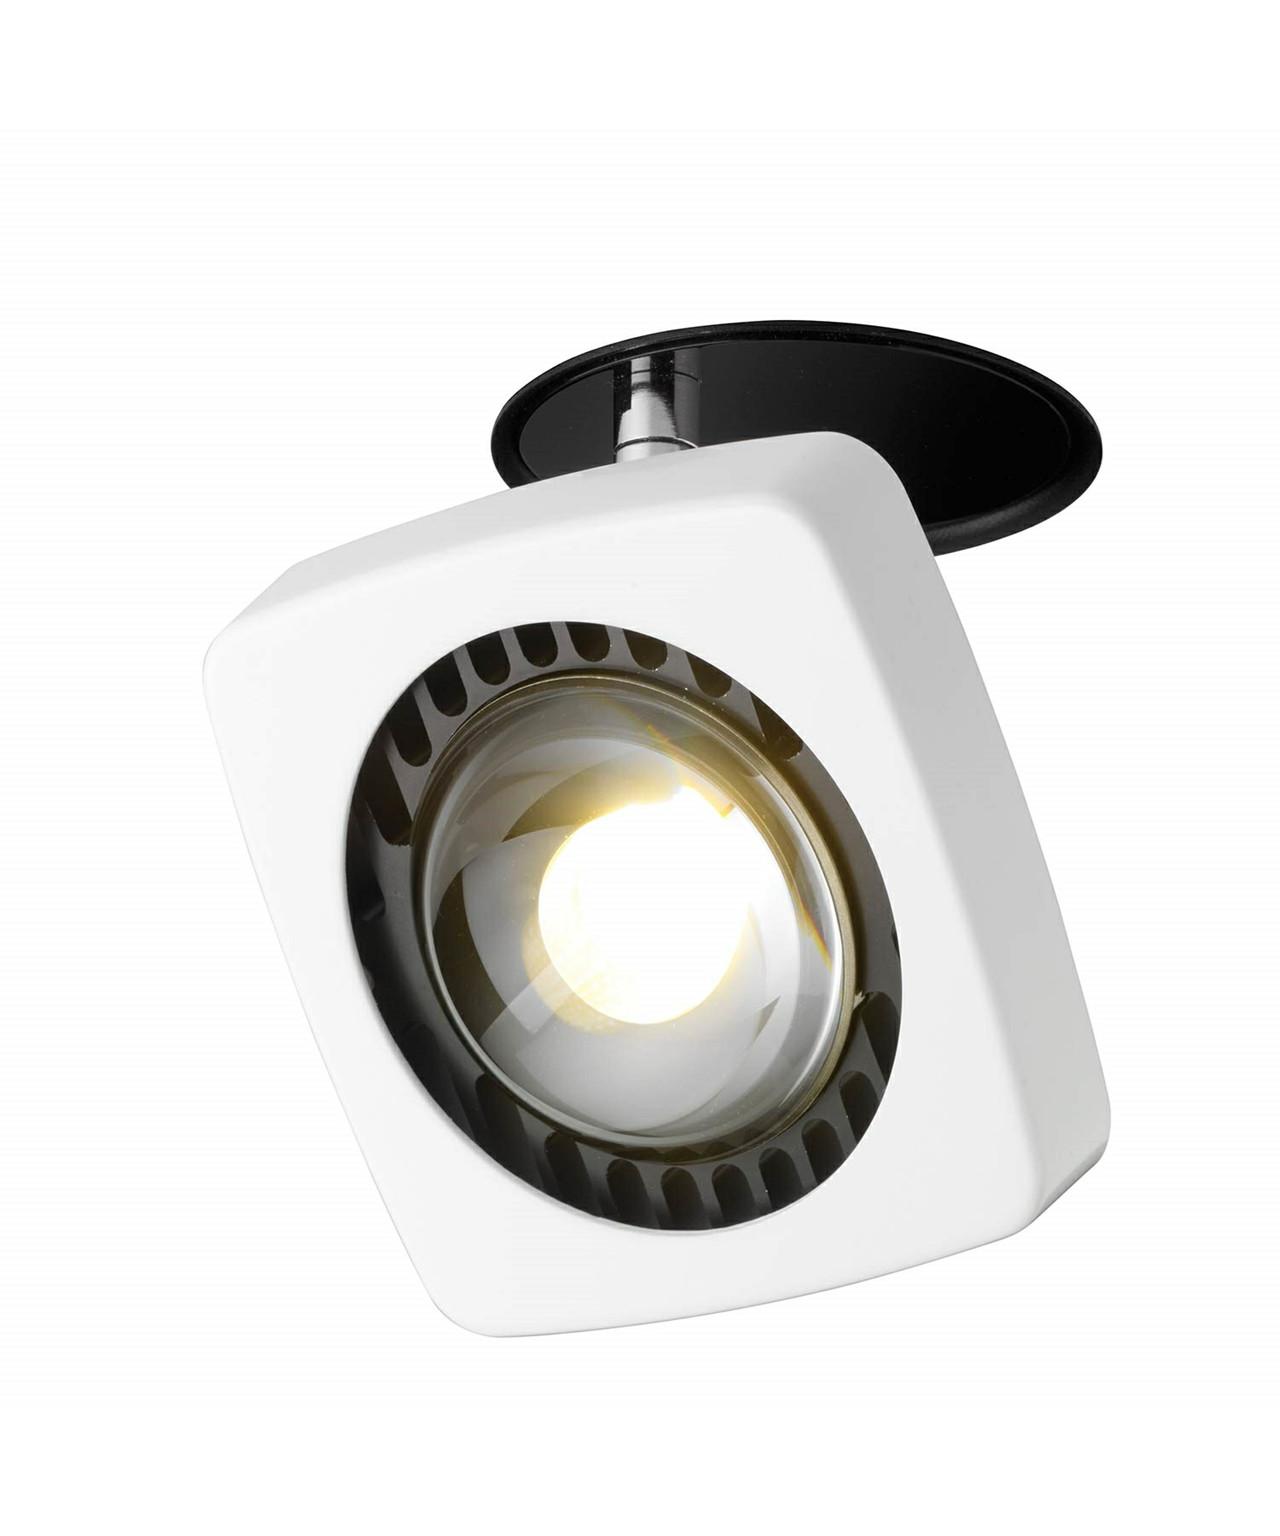 Kelveen loftlampe/væglampe recessed turnable 40°